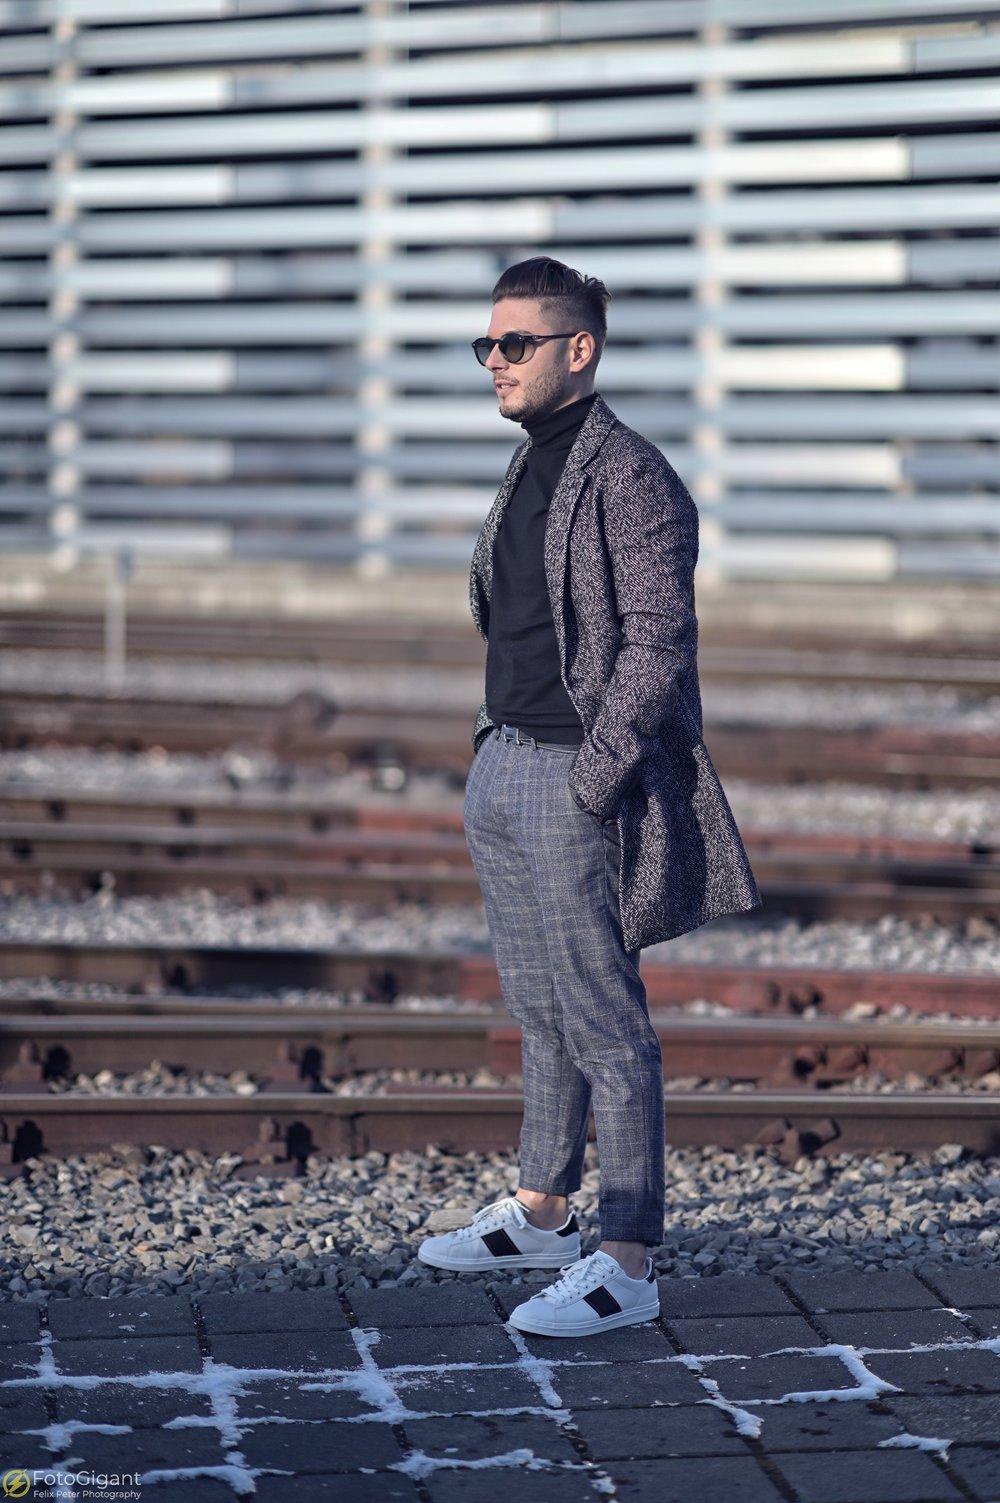 Fashion-Model-Fotos_01.jpg